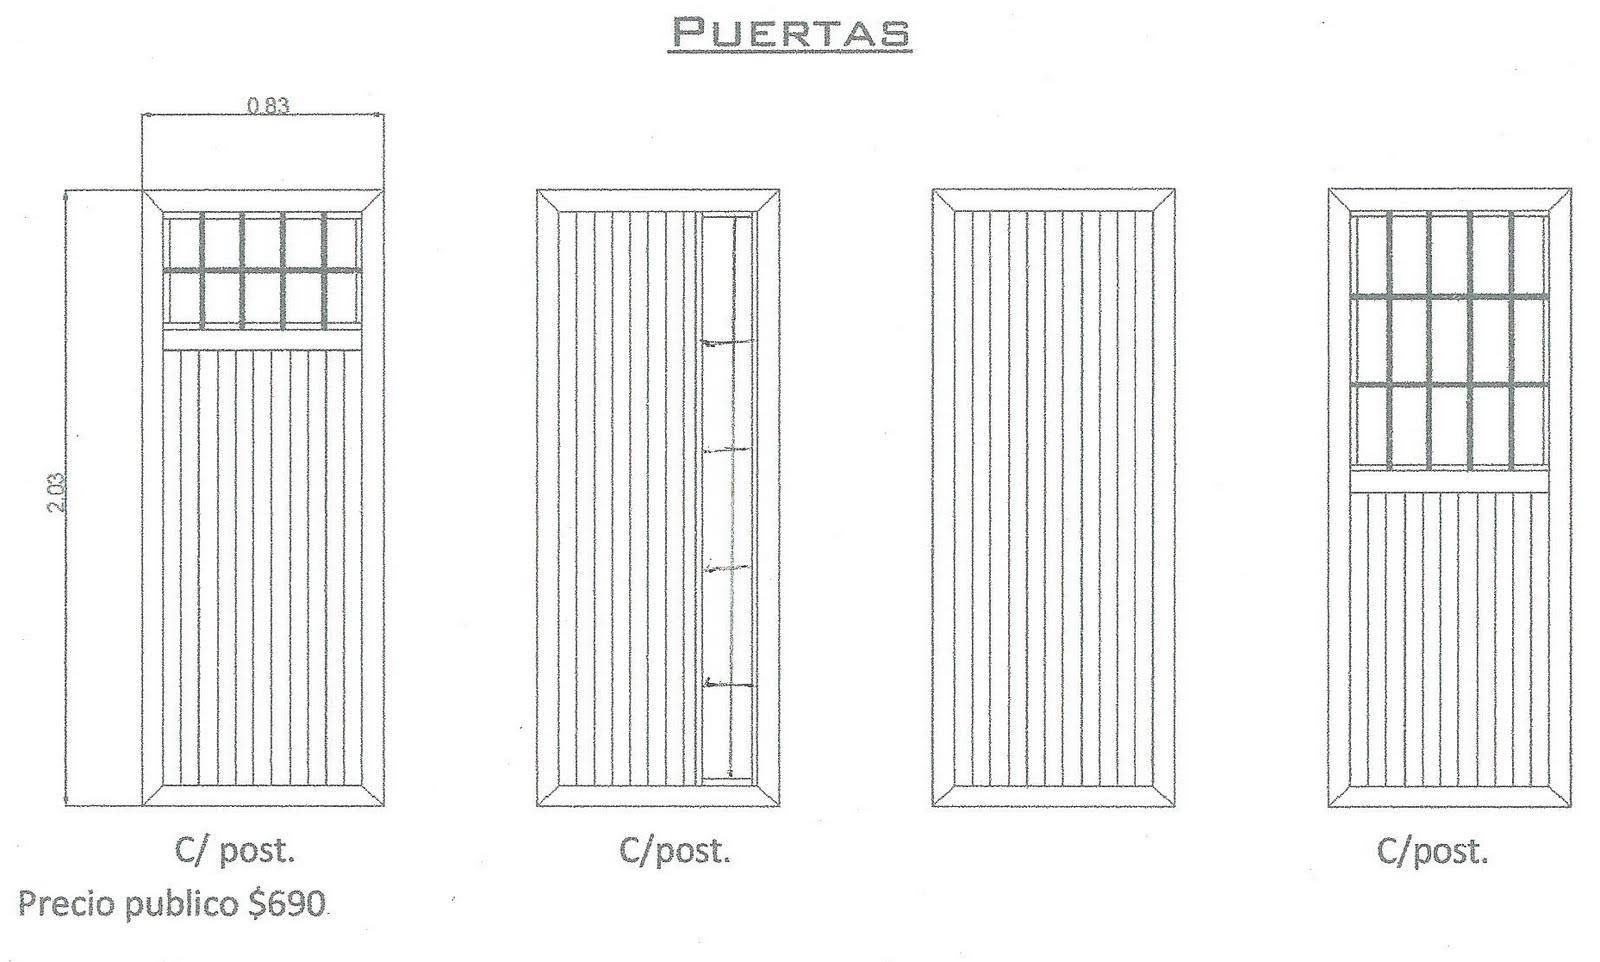 Puertas de entrada car interior design for Tipos de puertas de interior